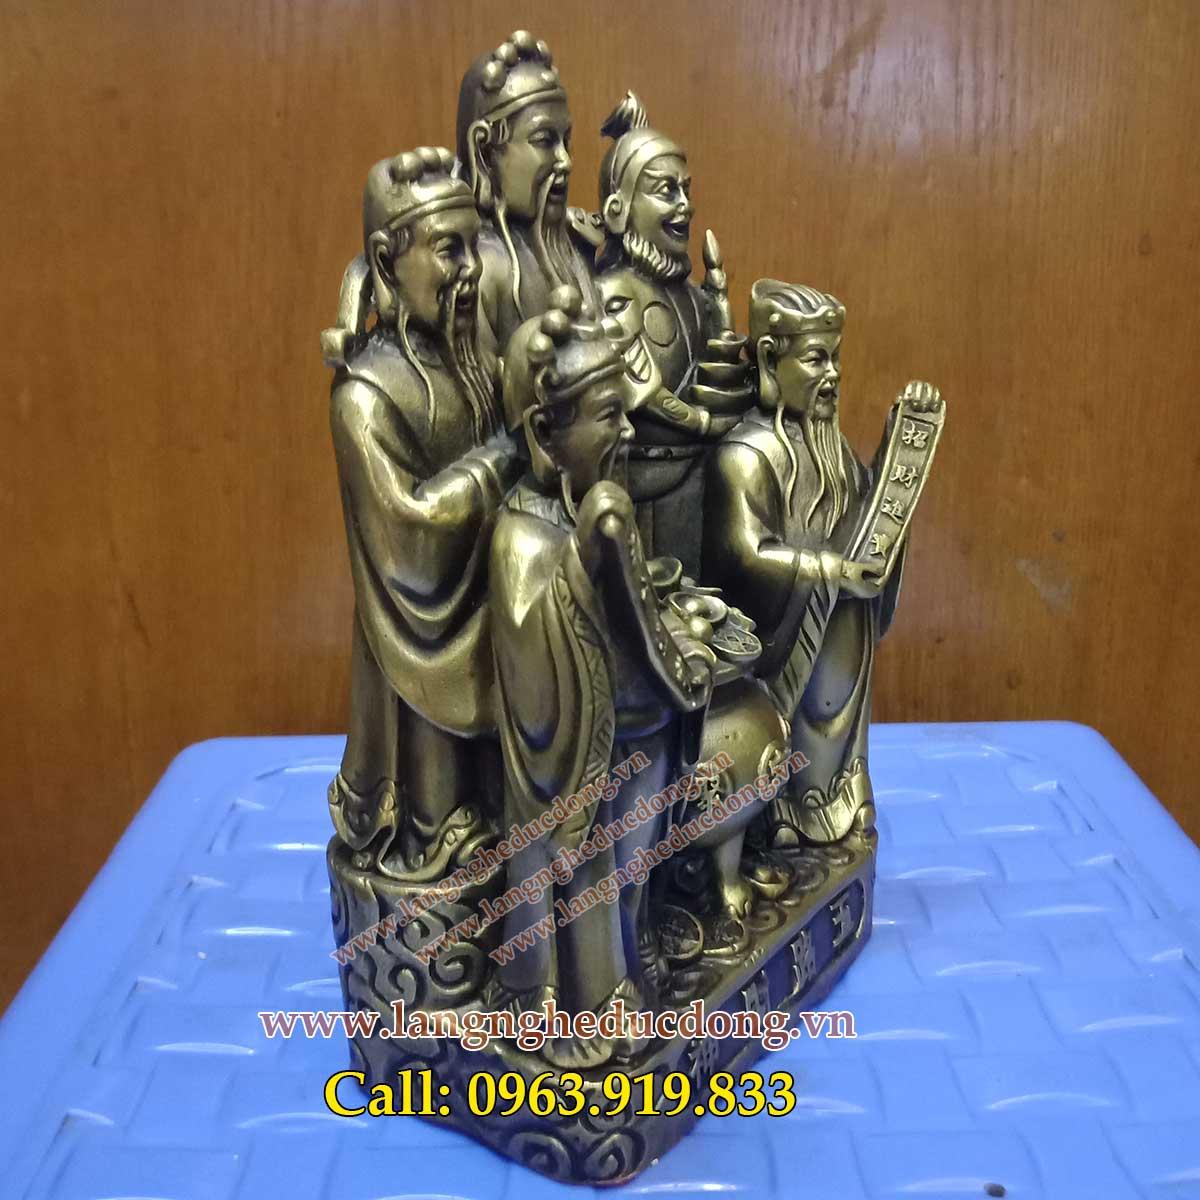 ngũ vị thần tài Lộc chất liệu bằng đồng cao 18 cm